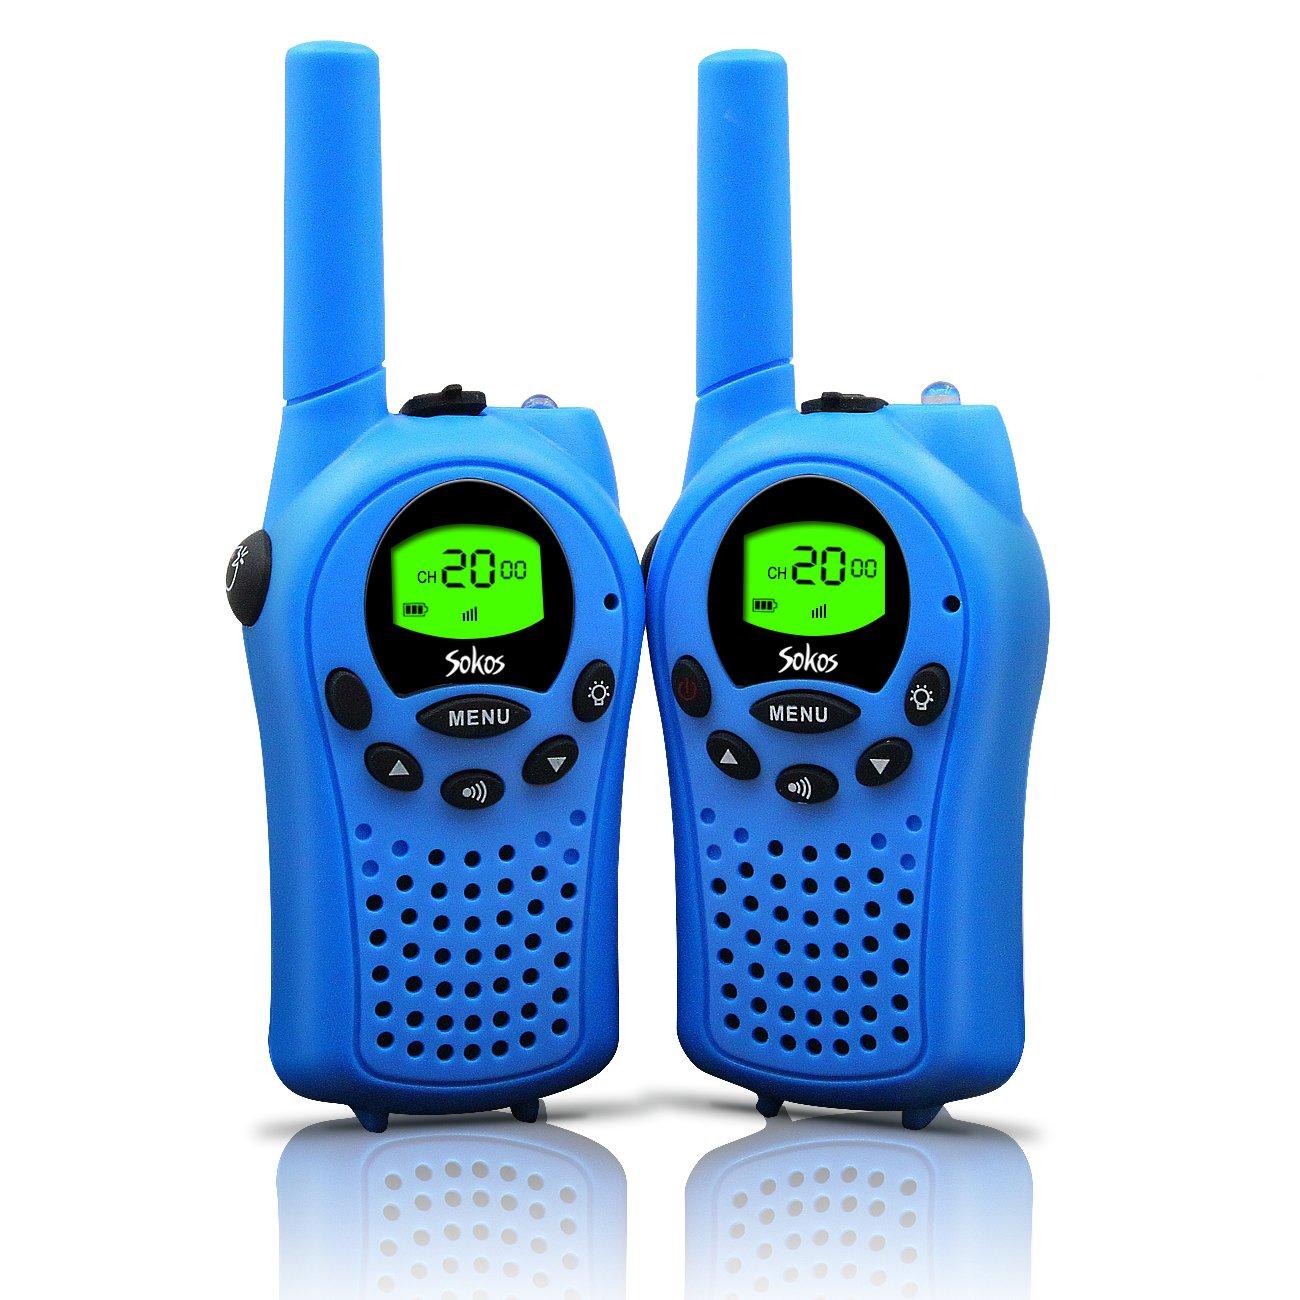 Walkie Talkies for Kids, 22 Channel Walkie Talkies 2 Way Radio 3 Miles (Up to 5Miles) FRS/GMRS Handheld Mini Walkie Talkies for Kids (Pair) (Blue)